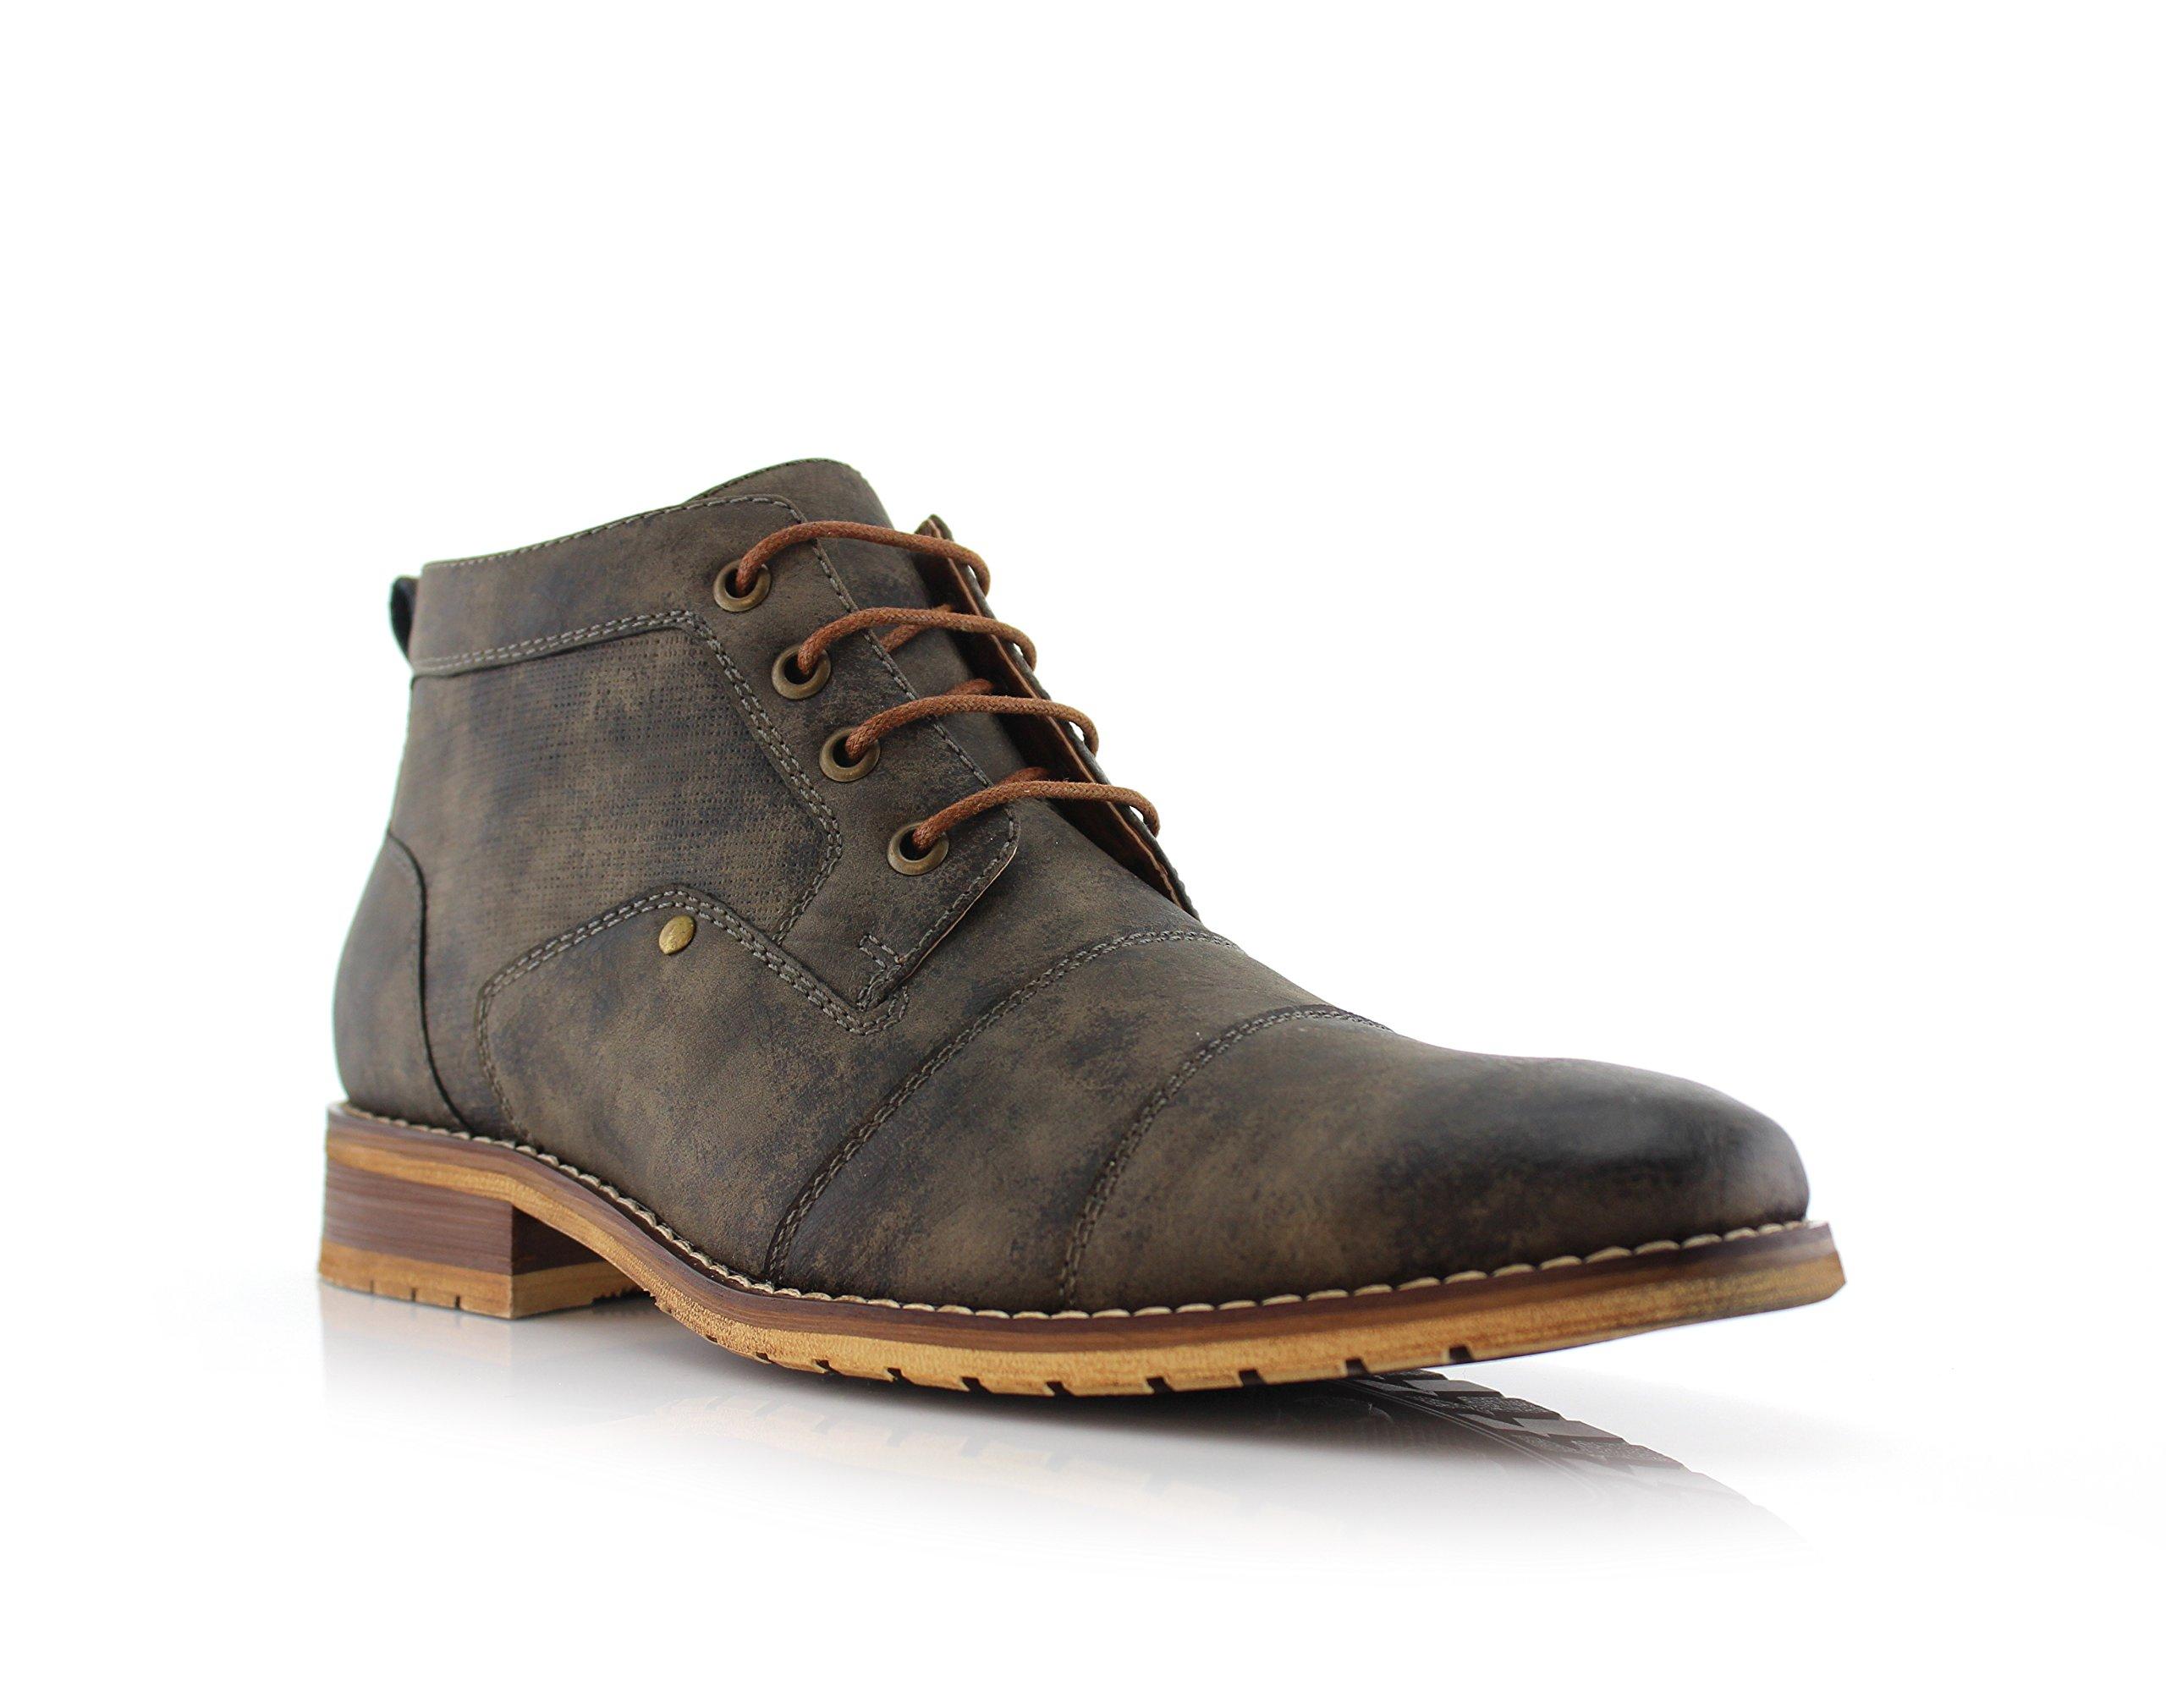 Ferro Aldo Blaine MFA806035 Mens Casual Brogue Mid-Top Lace-up and Zipper Boots – Grey, Size 10.5 by Ferro Aldo